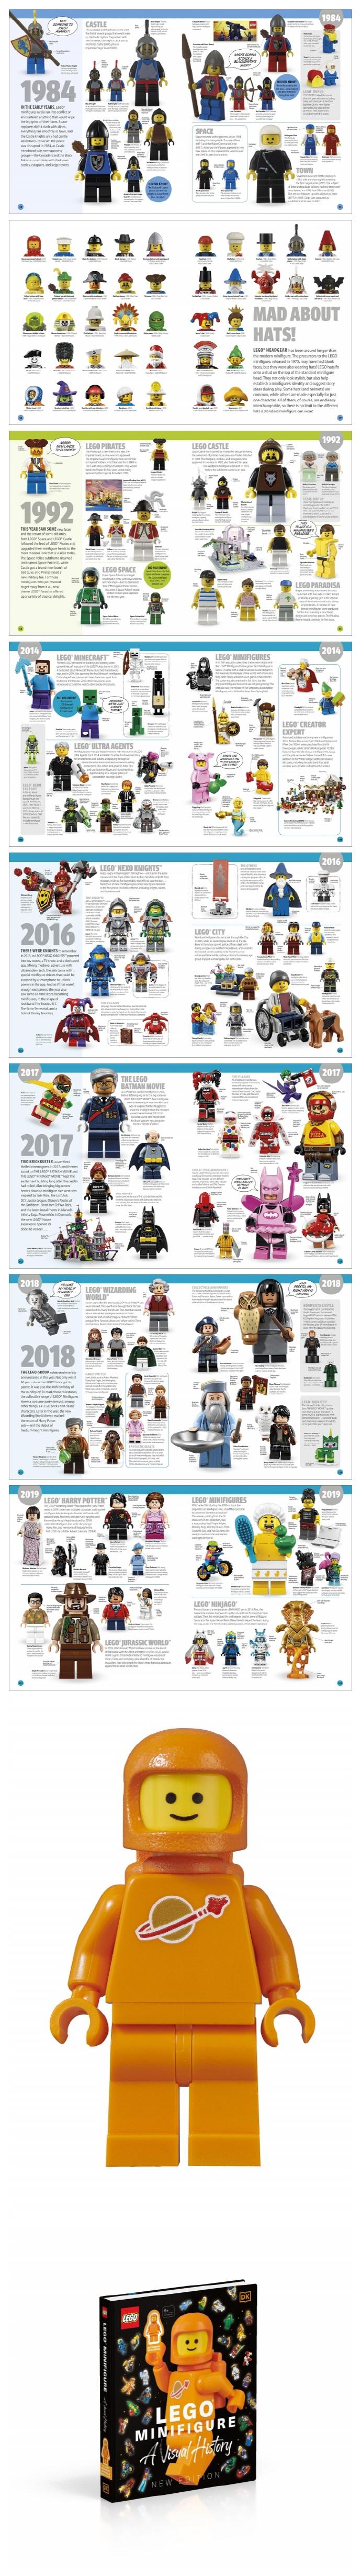 Lego Minifigure: A Visual History 도서 상세이미지